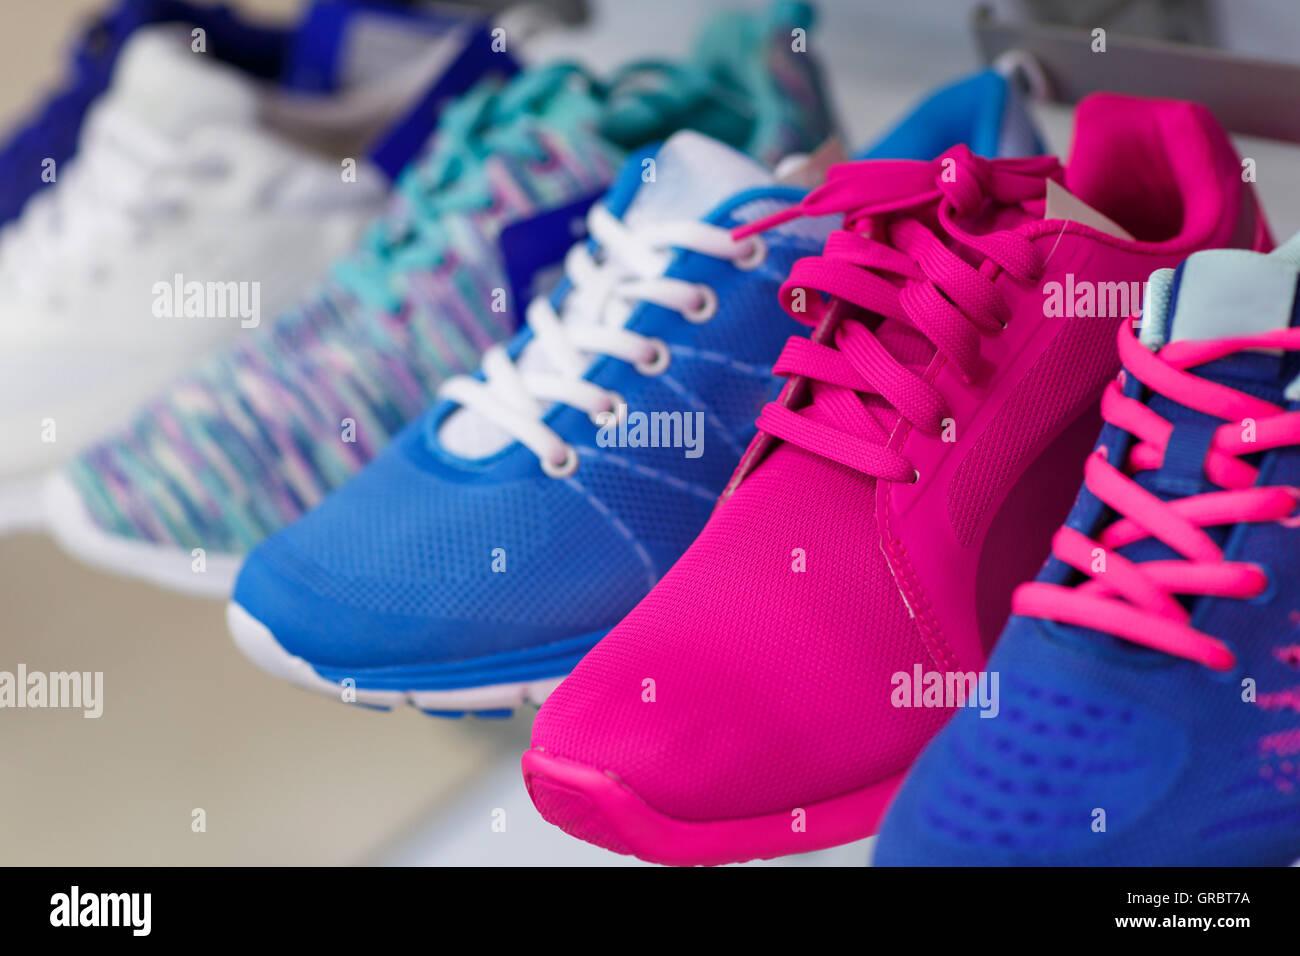 La colorida variedad de zapatillas en la tienda Imagen De Stock